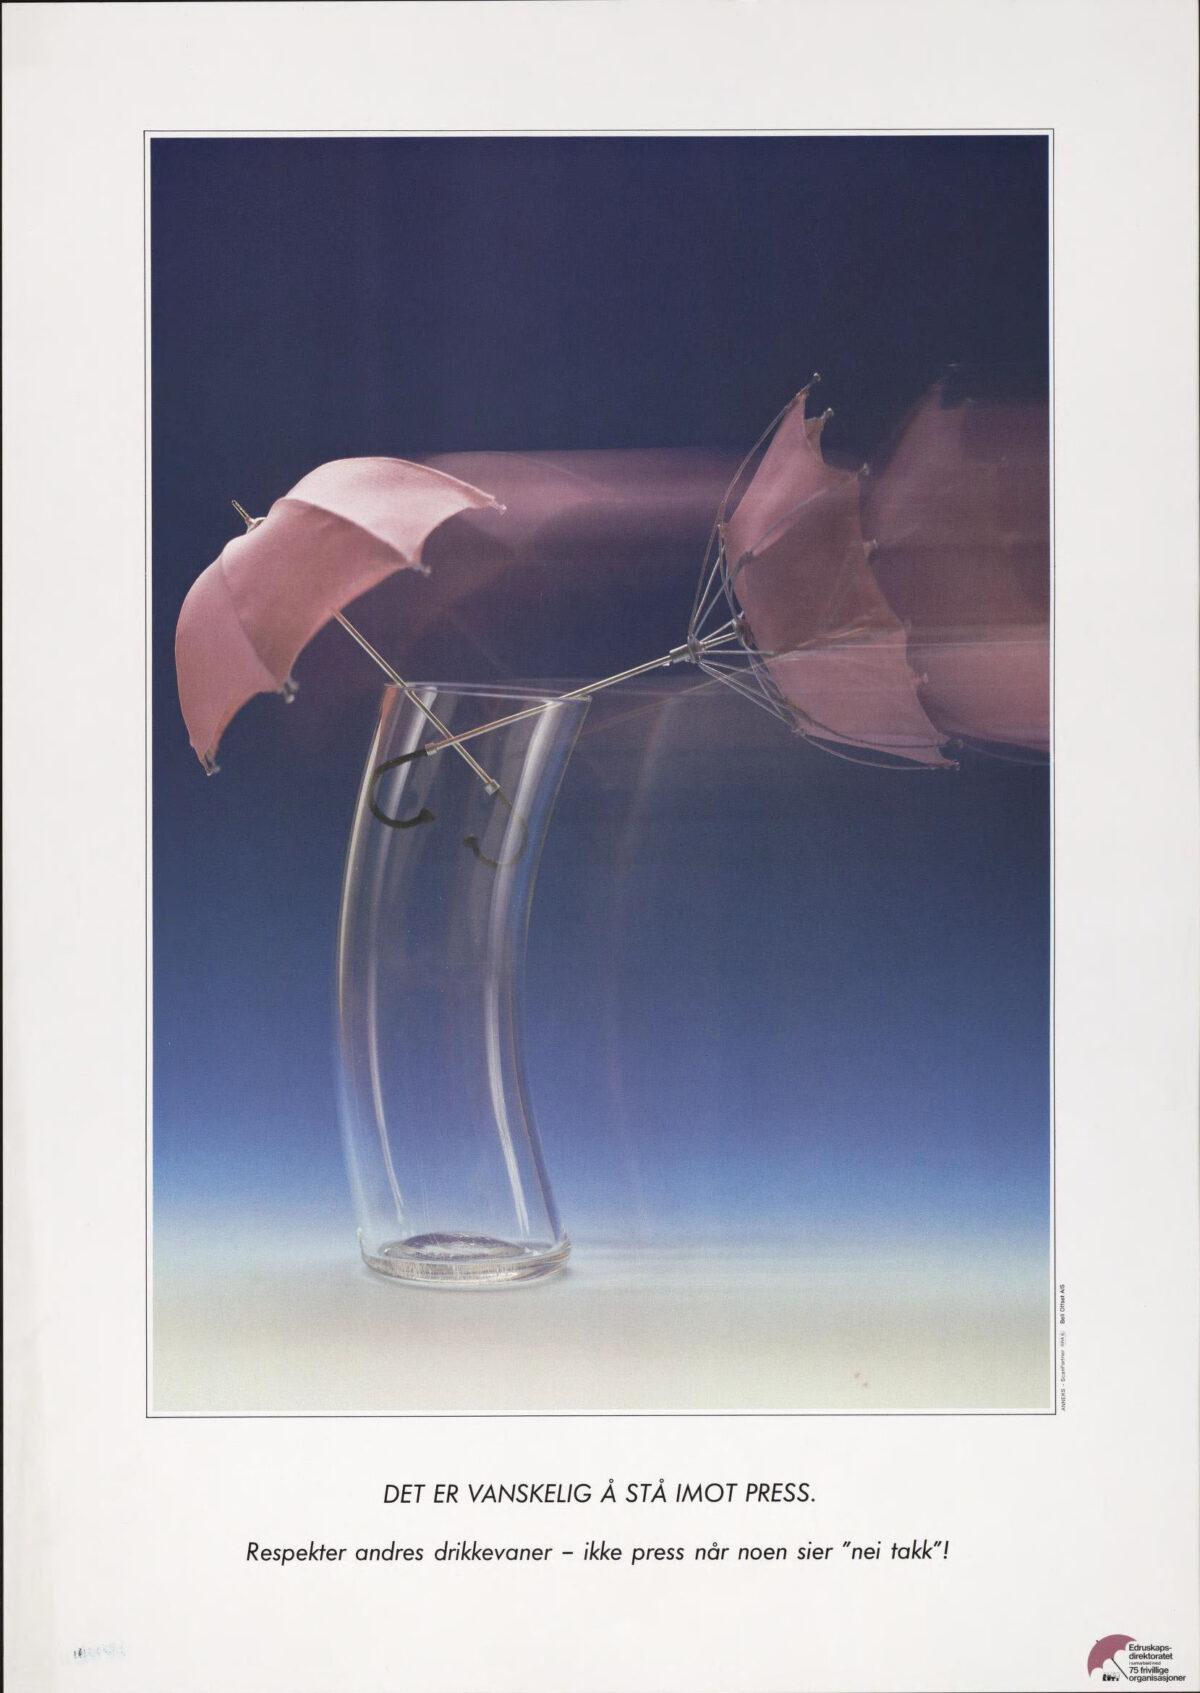 To paraply som står i et glass, bevegelsesuskarphet, og tilsynelatende blåser det så den ene paraplyen er vrengt Plakat for holdningskampanje om drikkepress fra Statens edruskapsdirektorat